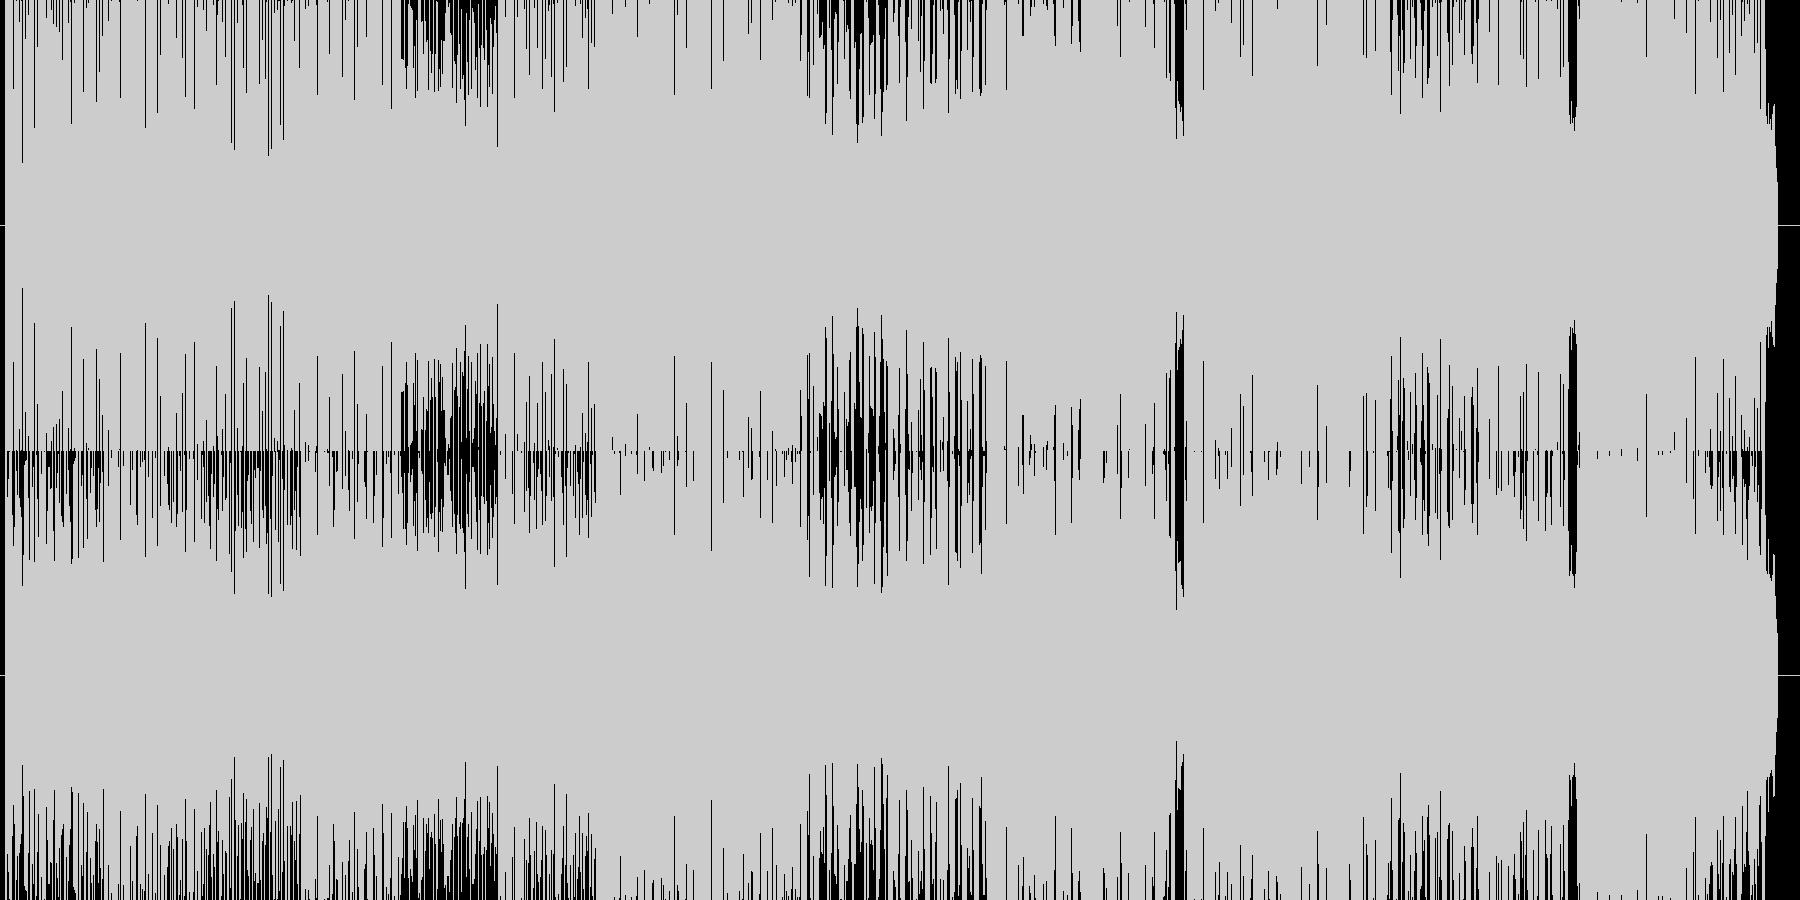 明るいインド風BGM(エレクトロ)の未再生の波形